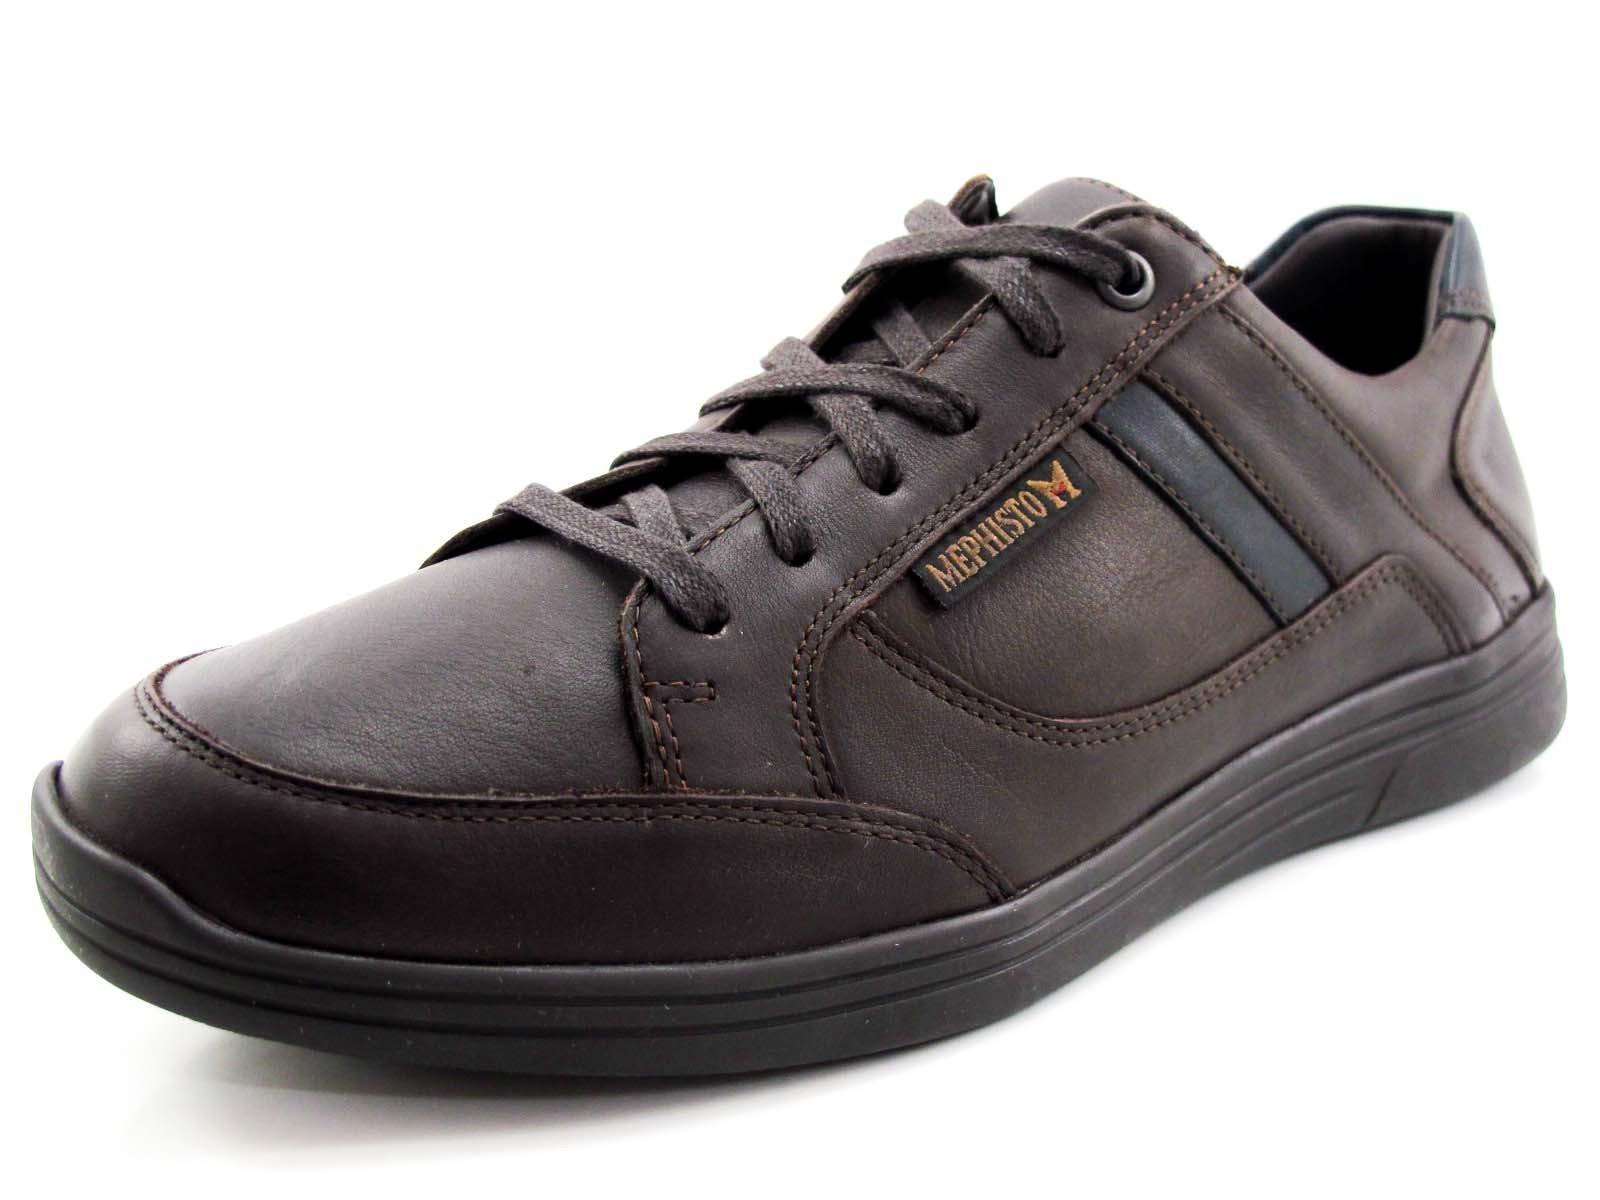 Chaussures Mephisto Brun Justin - 6½ prix incroyable rabais jeu exclusif sortie professionnelle meilleurs prix discount acheter votre propre z5yIk6W7Om